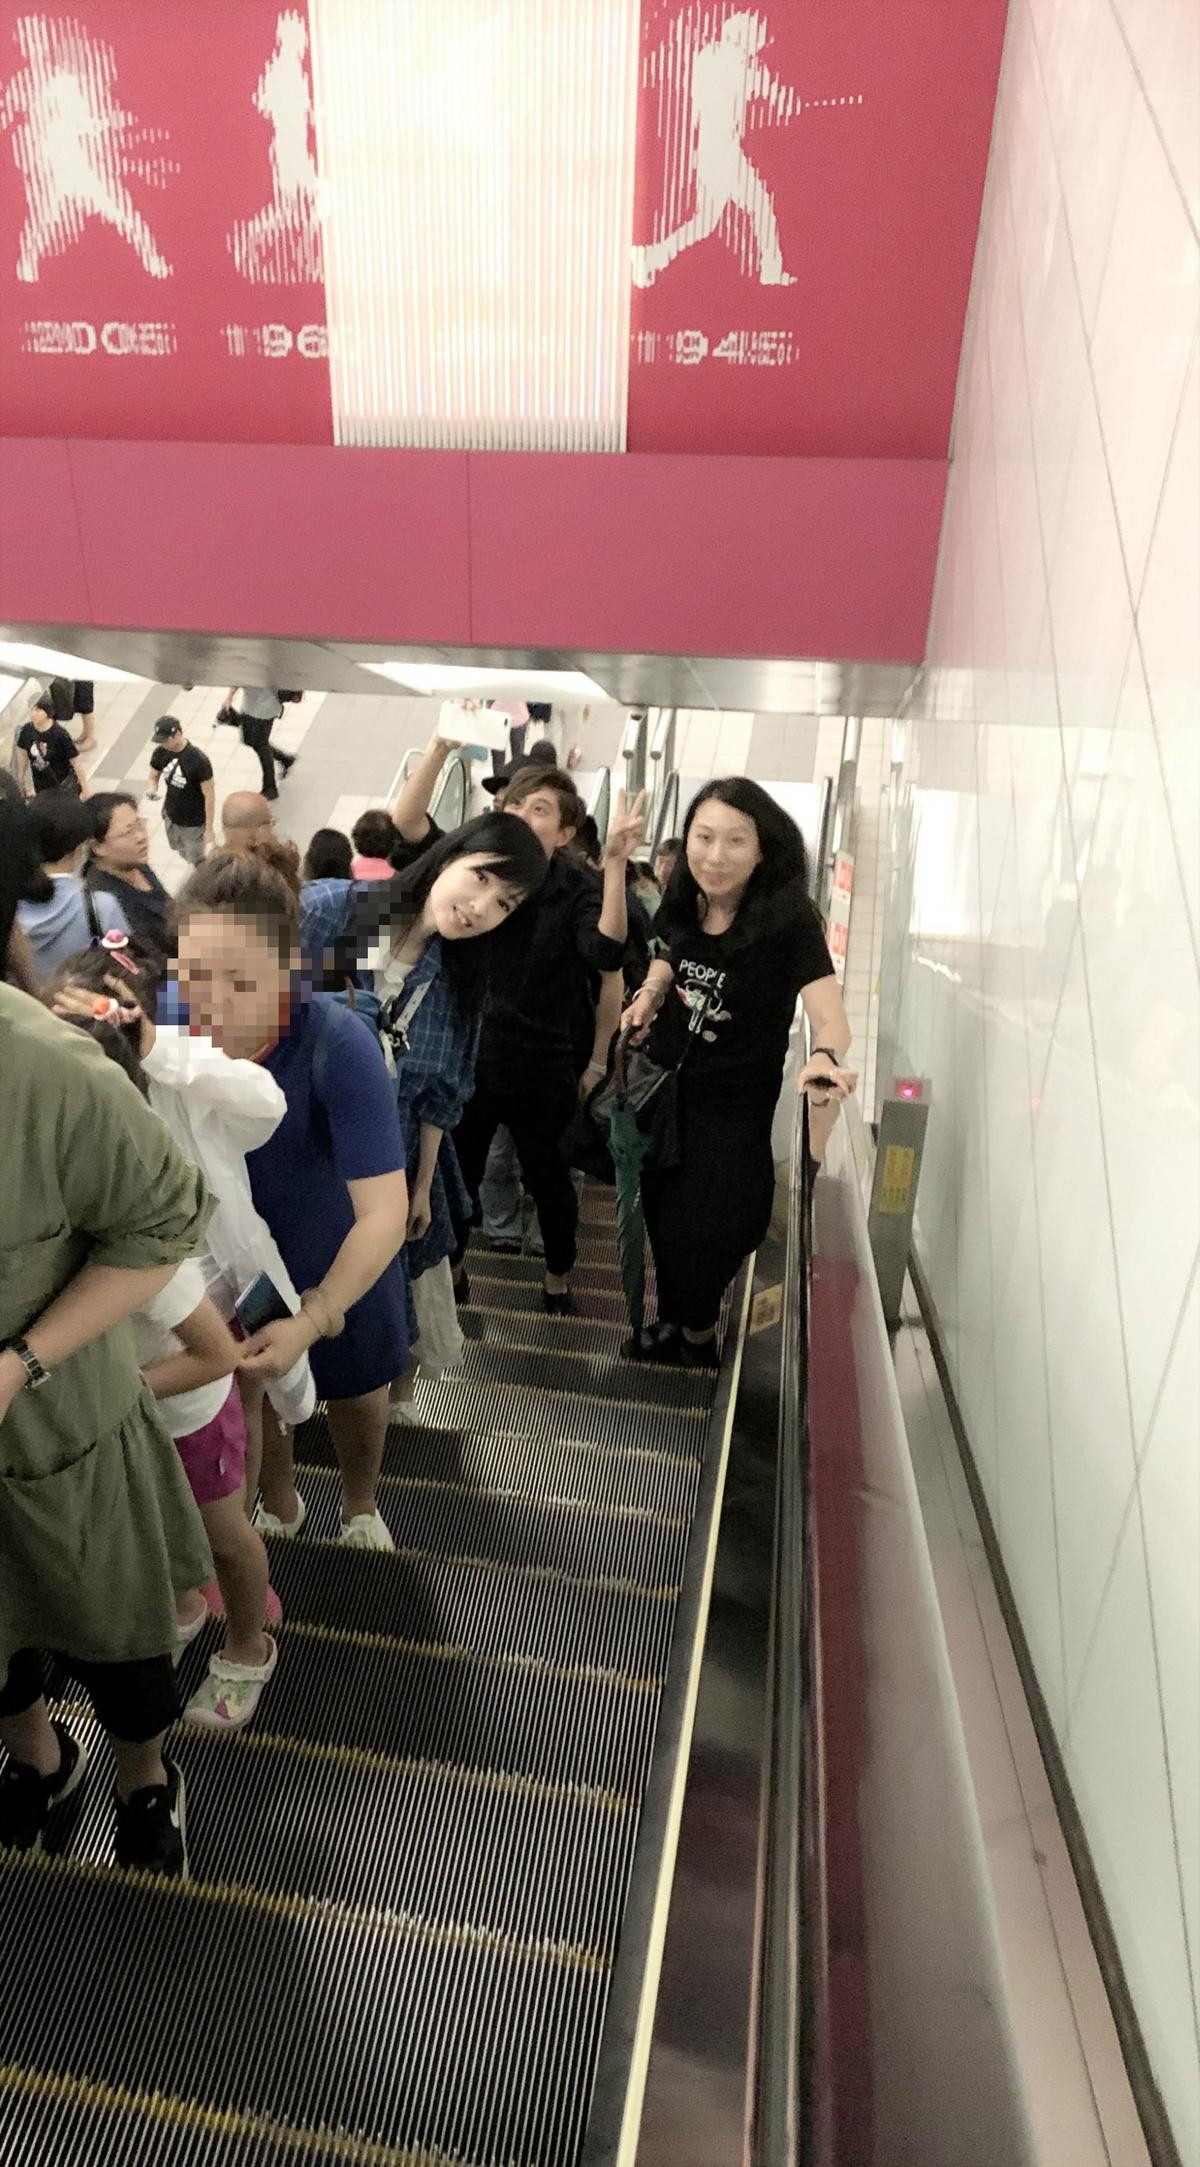 捷運站裡,周慧敏親切地跟路人打招呼。(寬宏藝術提供)